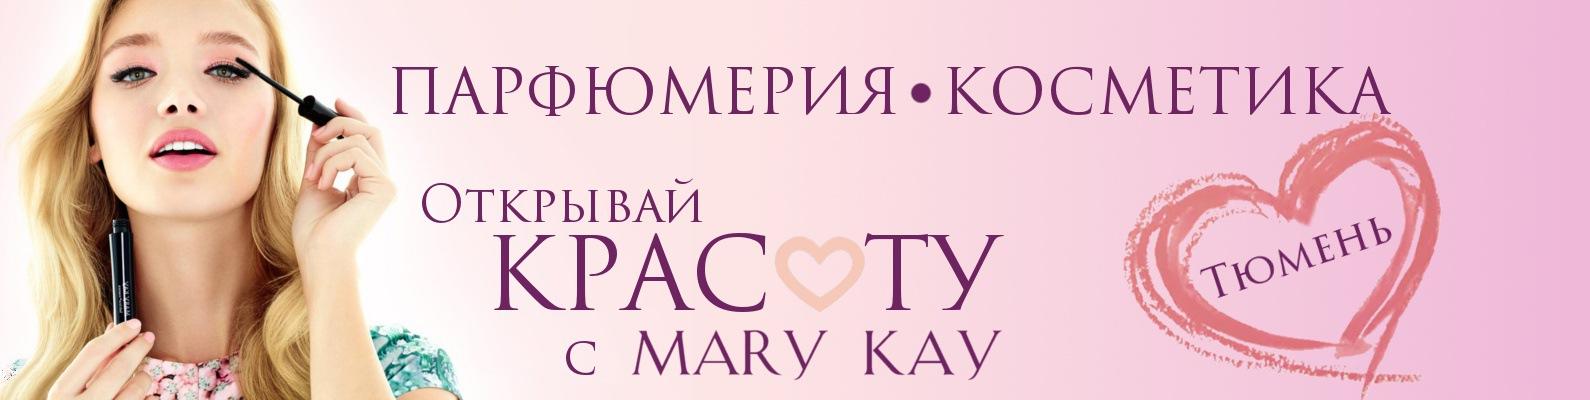 реклама мэри кэй картинки работе дизайнера интерьера